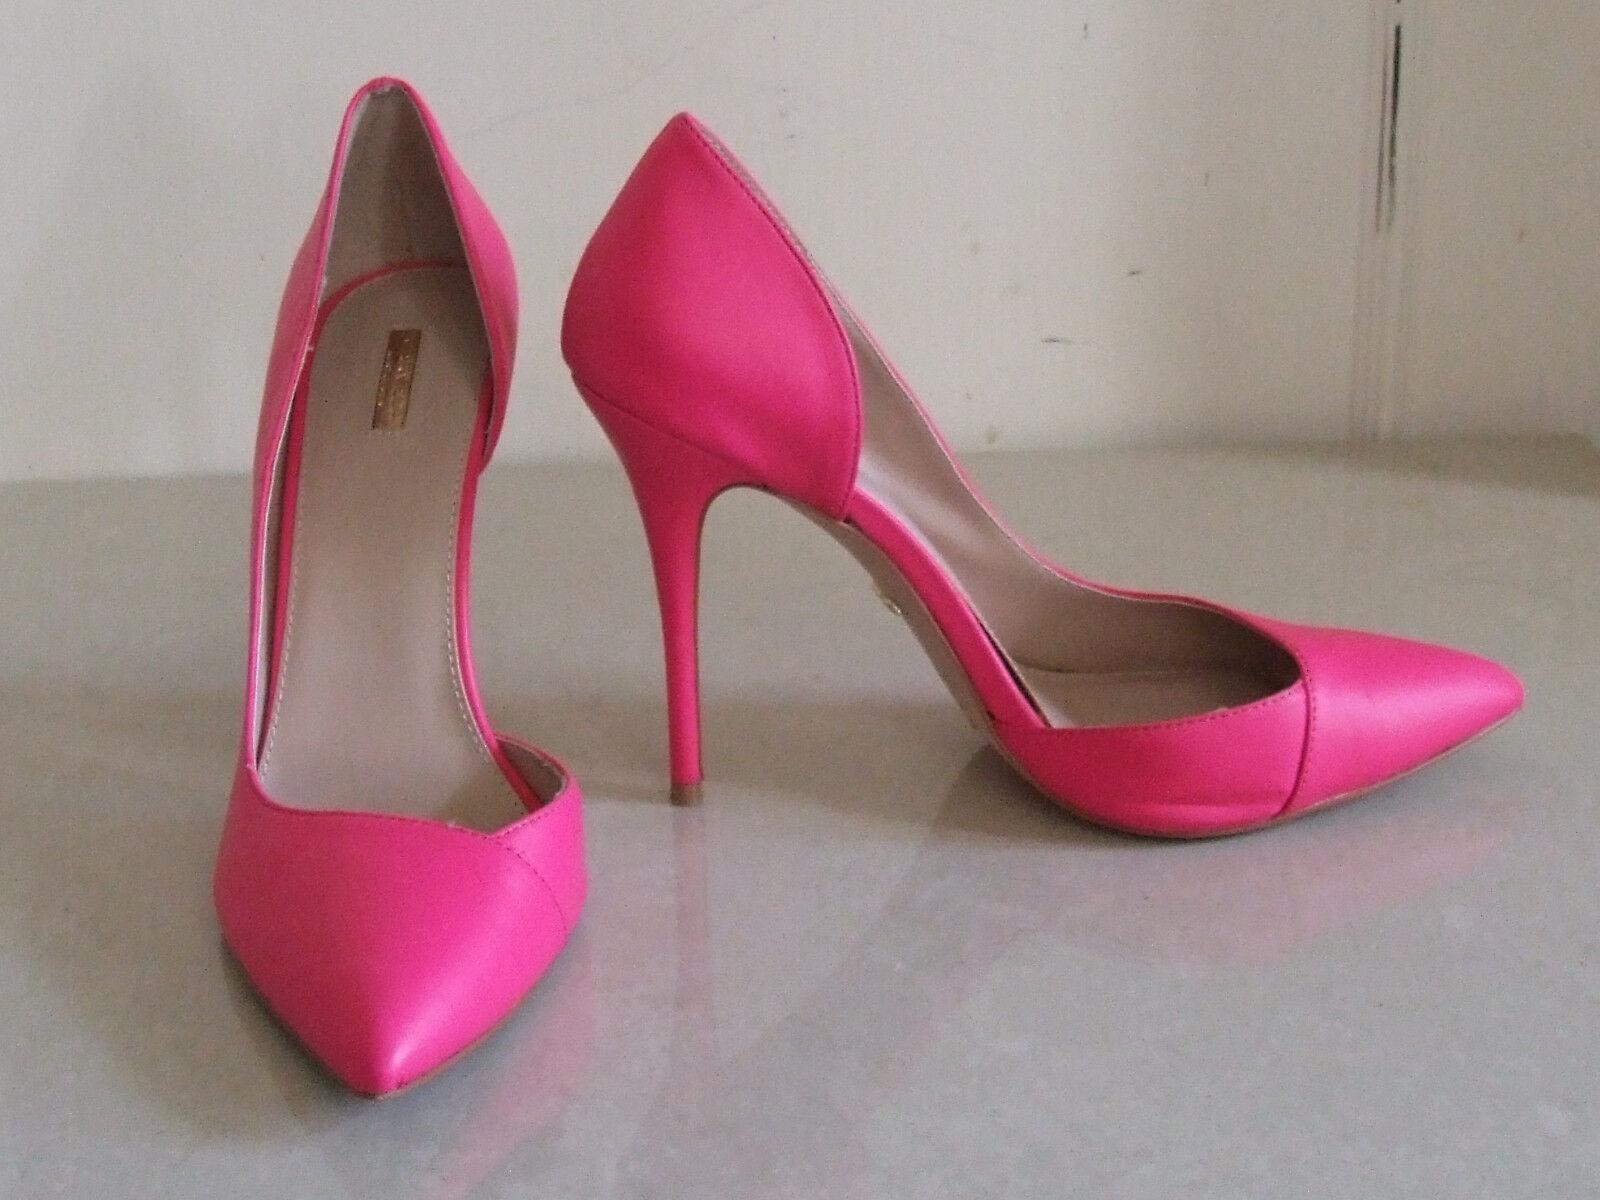 Carvella gloriosa de Salón Zapatos de Taco Alto Zapatos magnífico Bubble Gum Rosa